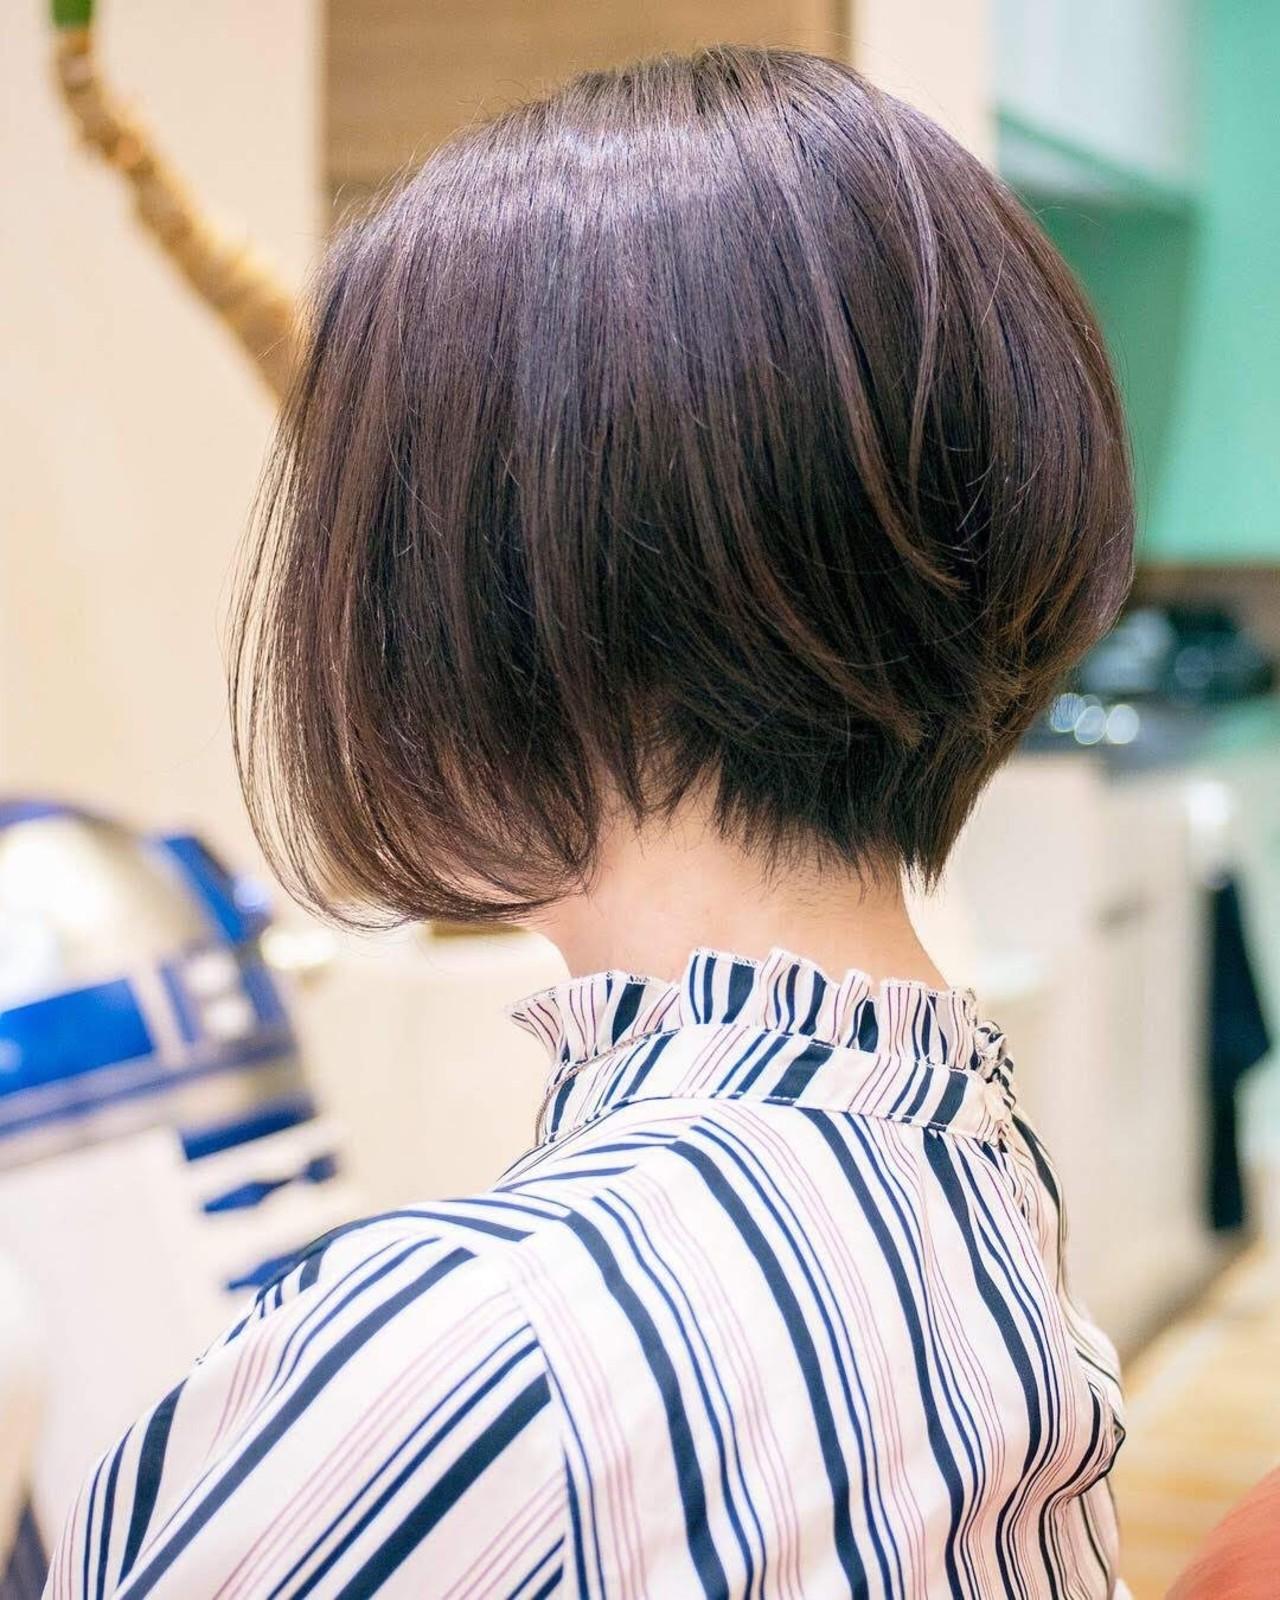 大人かわいい 前下がり ハイライト ボブ ヘアスタイルや髪型の写真・画像